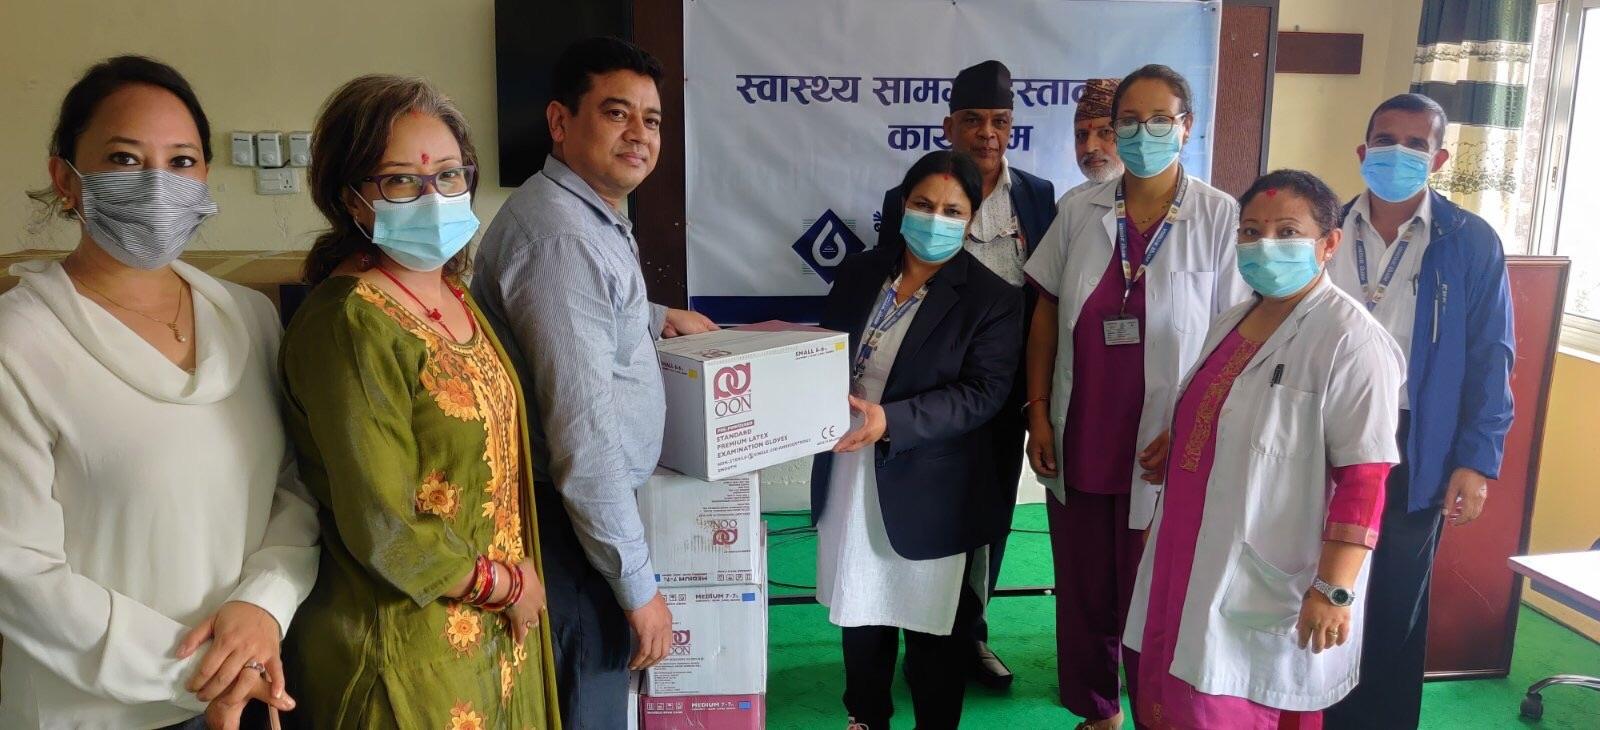 बैंक अफ काठमाण्डूद्वारा भक्तपुर अस्पताललाई स्वास्थ्य साम्रगी हस्तान्तरण